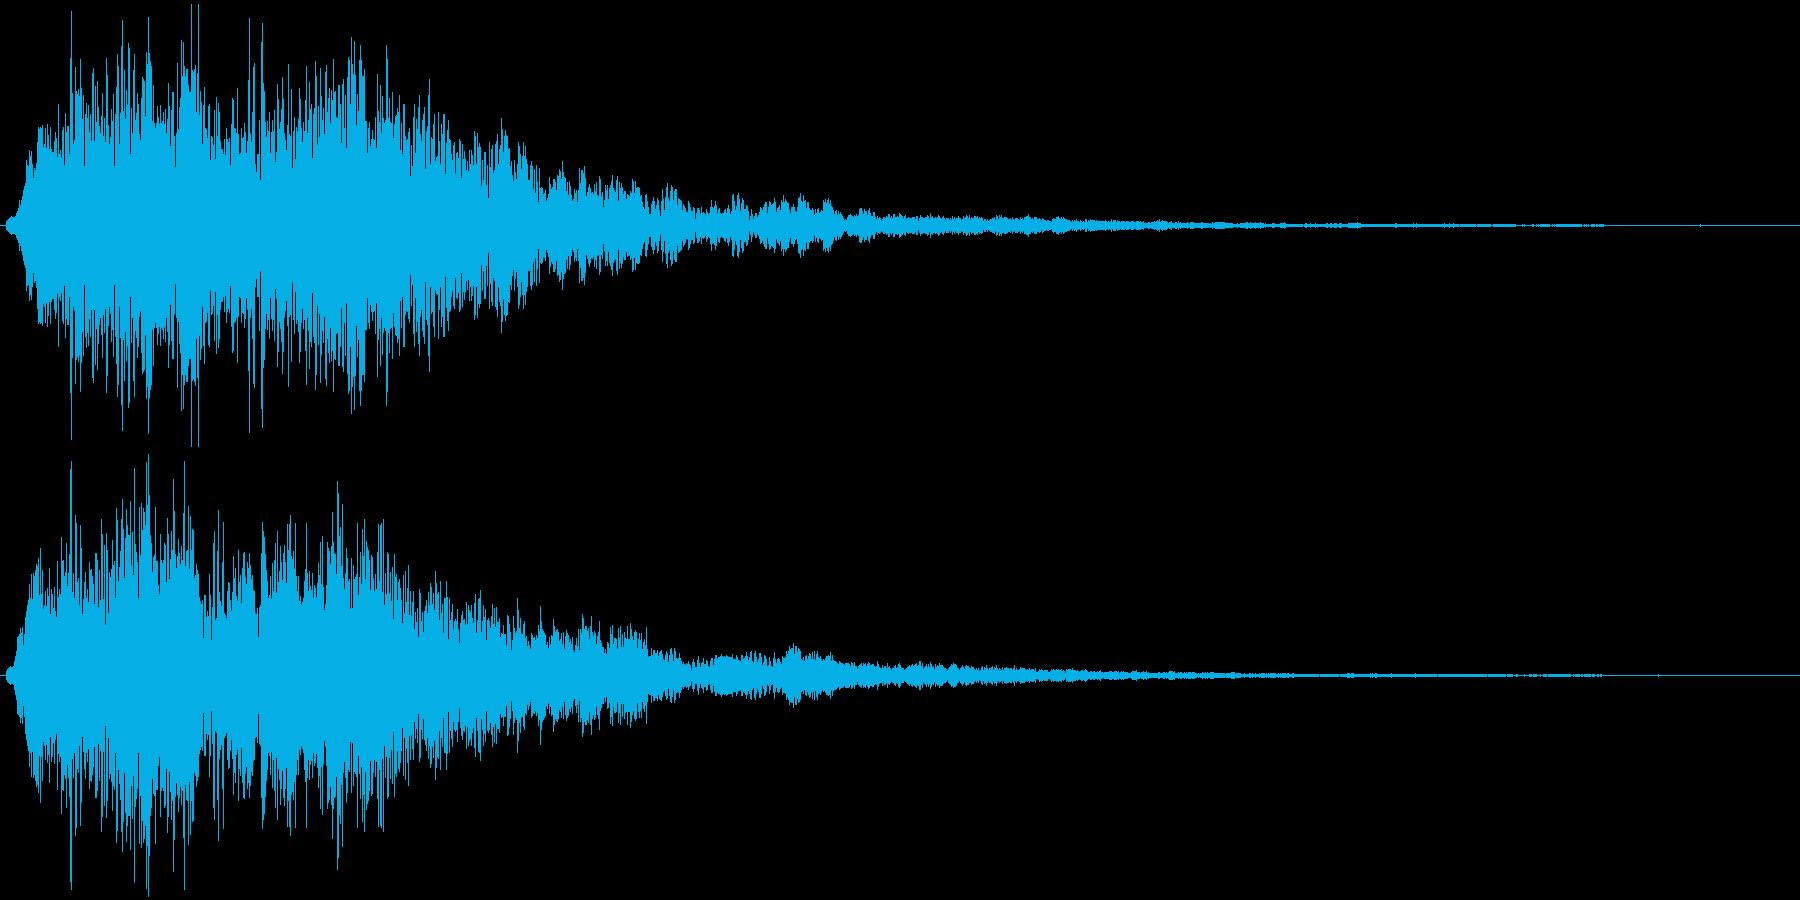 ワンワンワワワーン(サウンドロゴ)の再生済みの波形